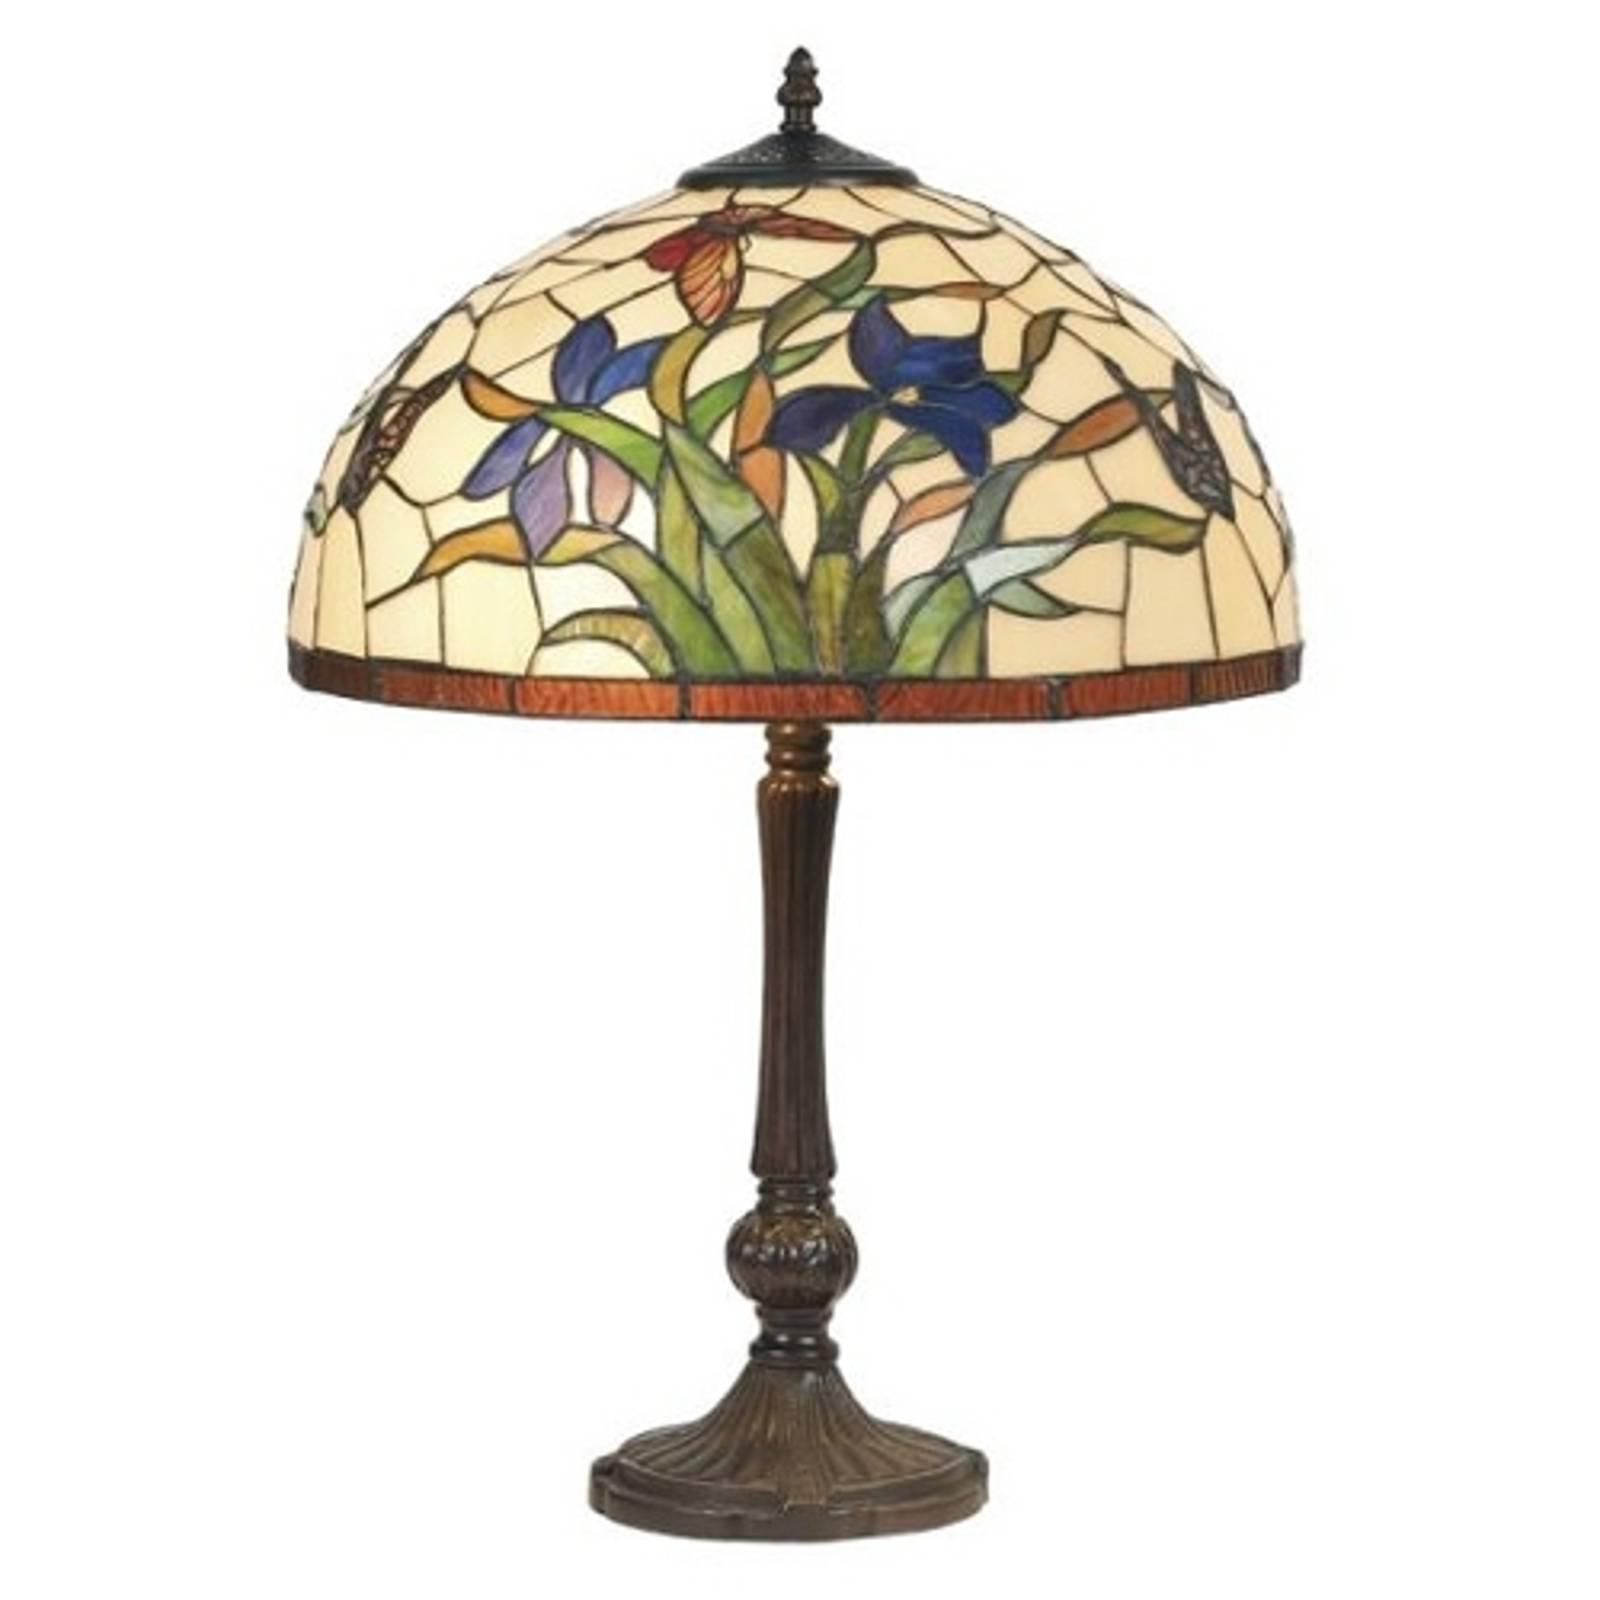 Tafellamp Elanda in Tiffany-stijl, 62 cm